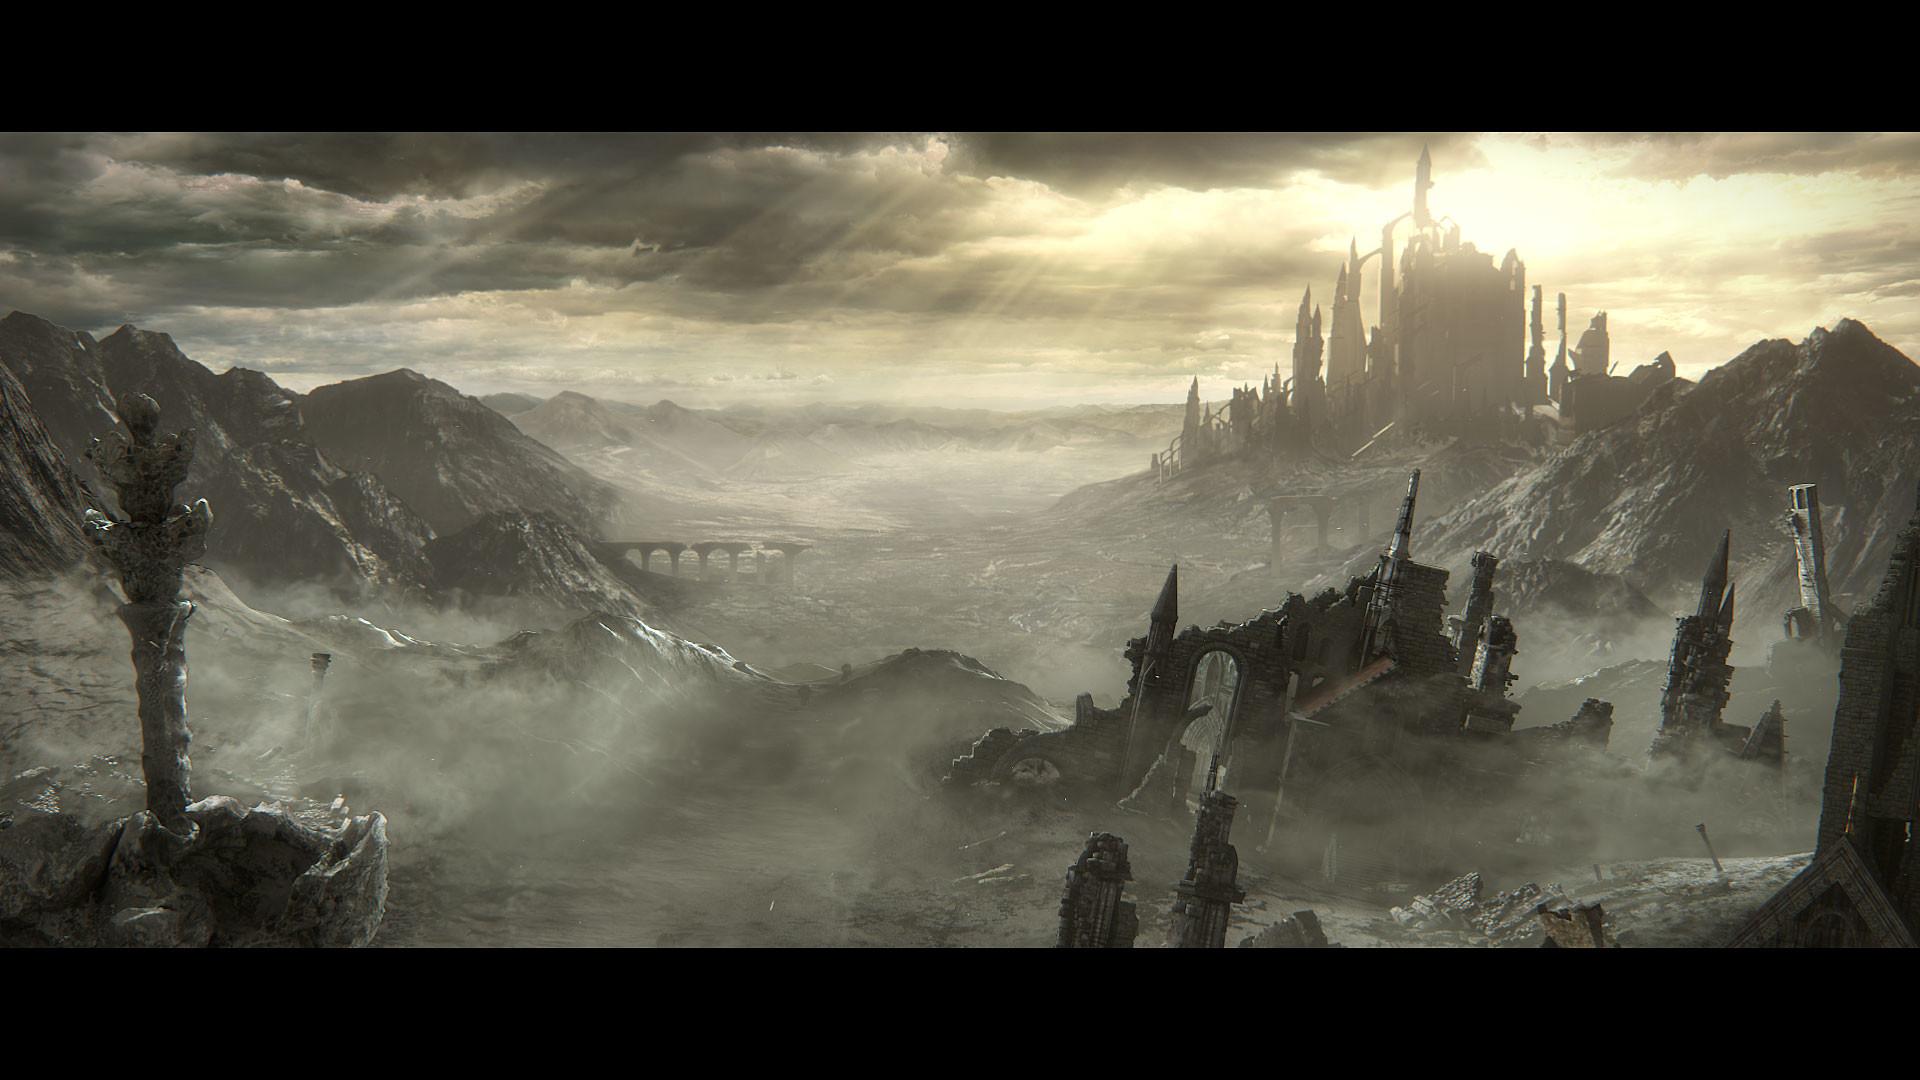 A-Dark Souls III – PS4